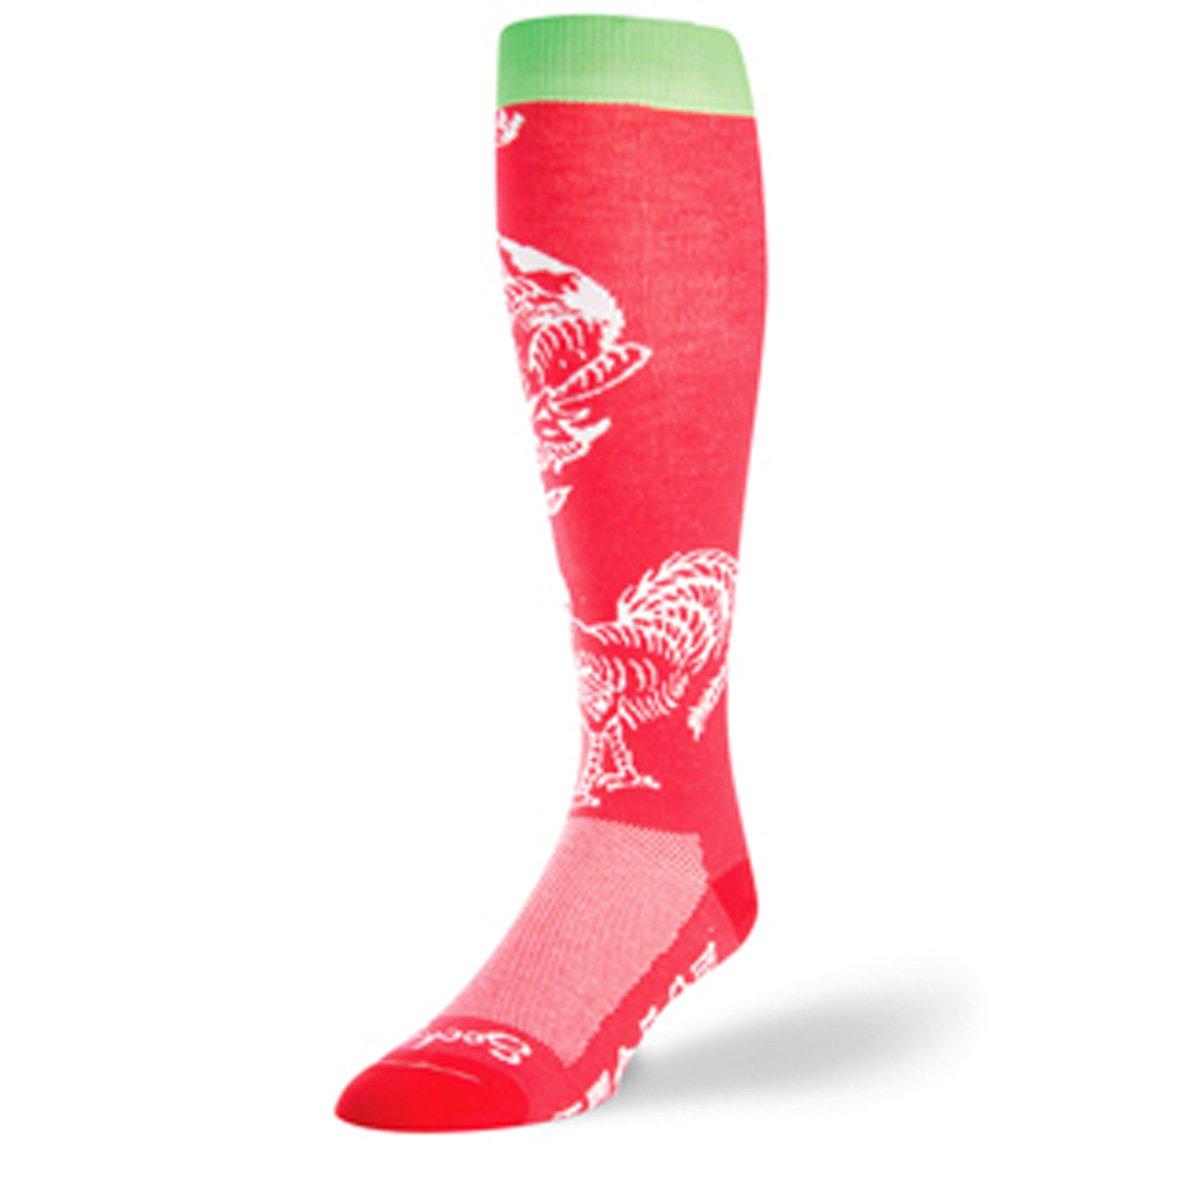 SockGuy Sriracha Knee High Socks X8BLK